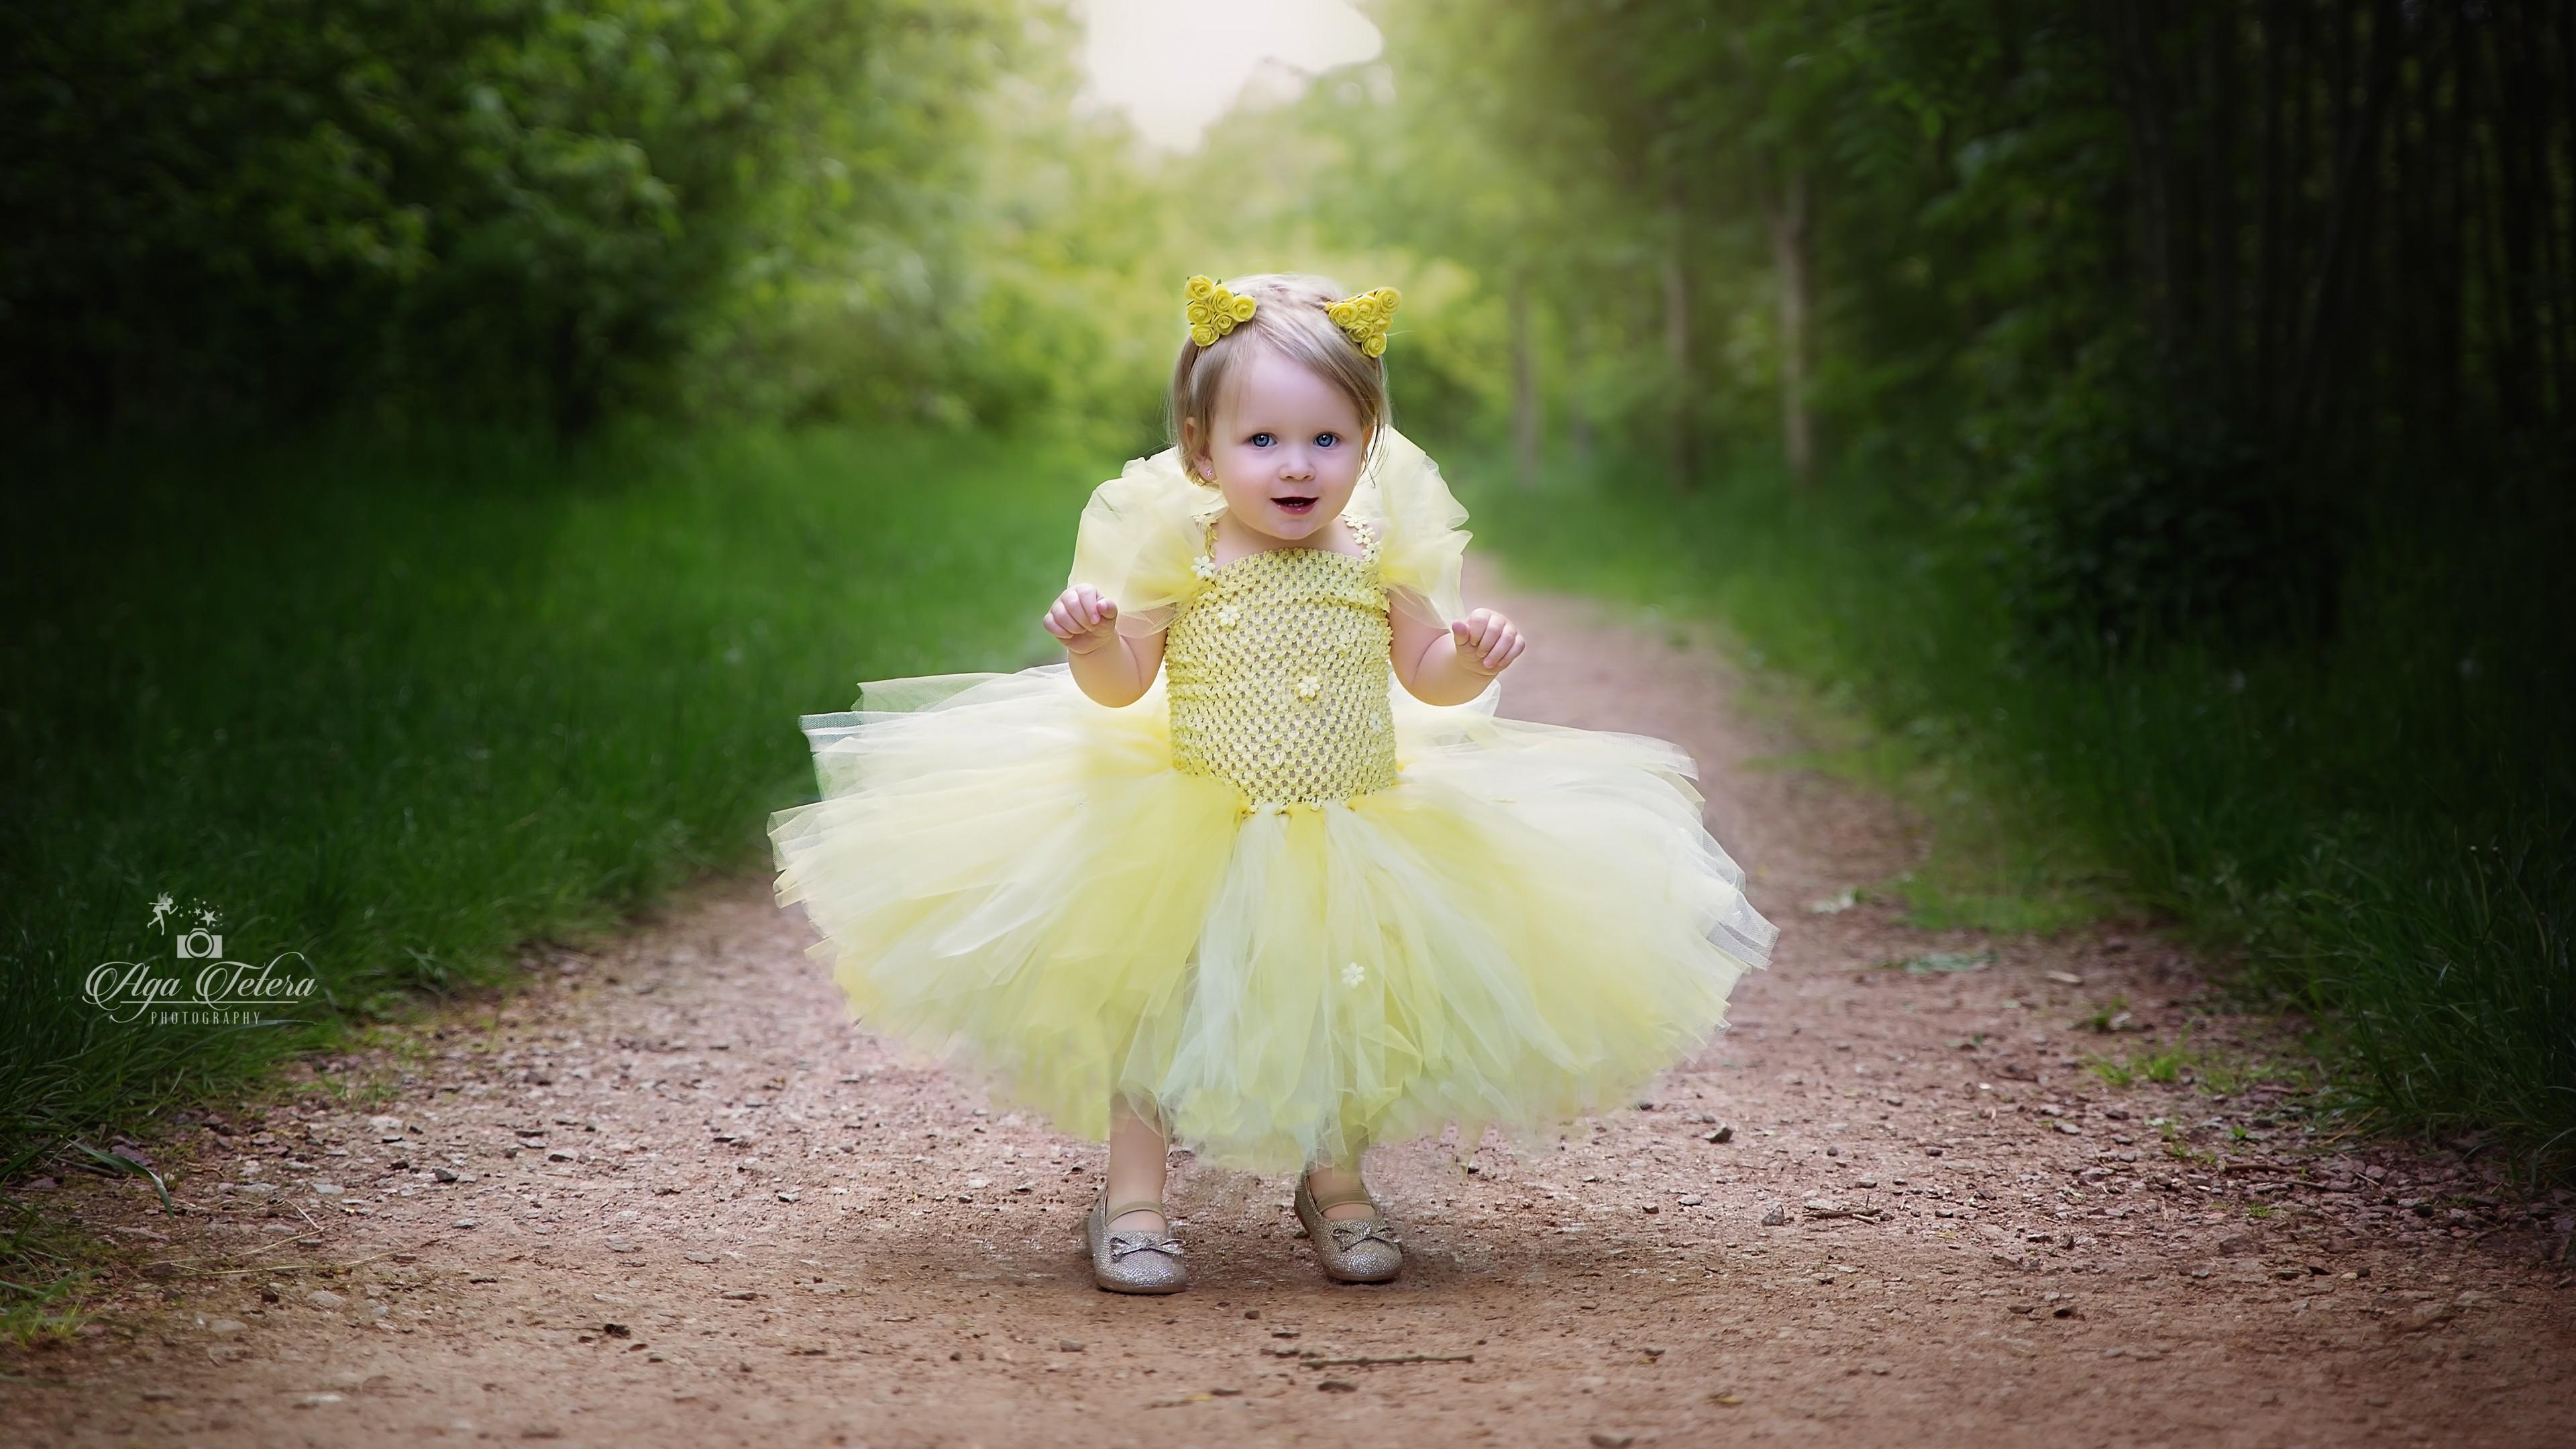 Маленькая принцесса в воздушном платье с воланами на лесной тропинке